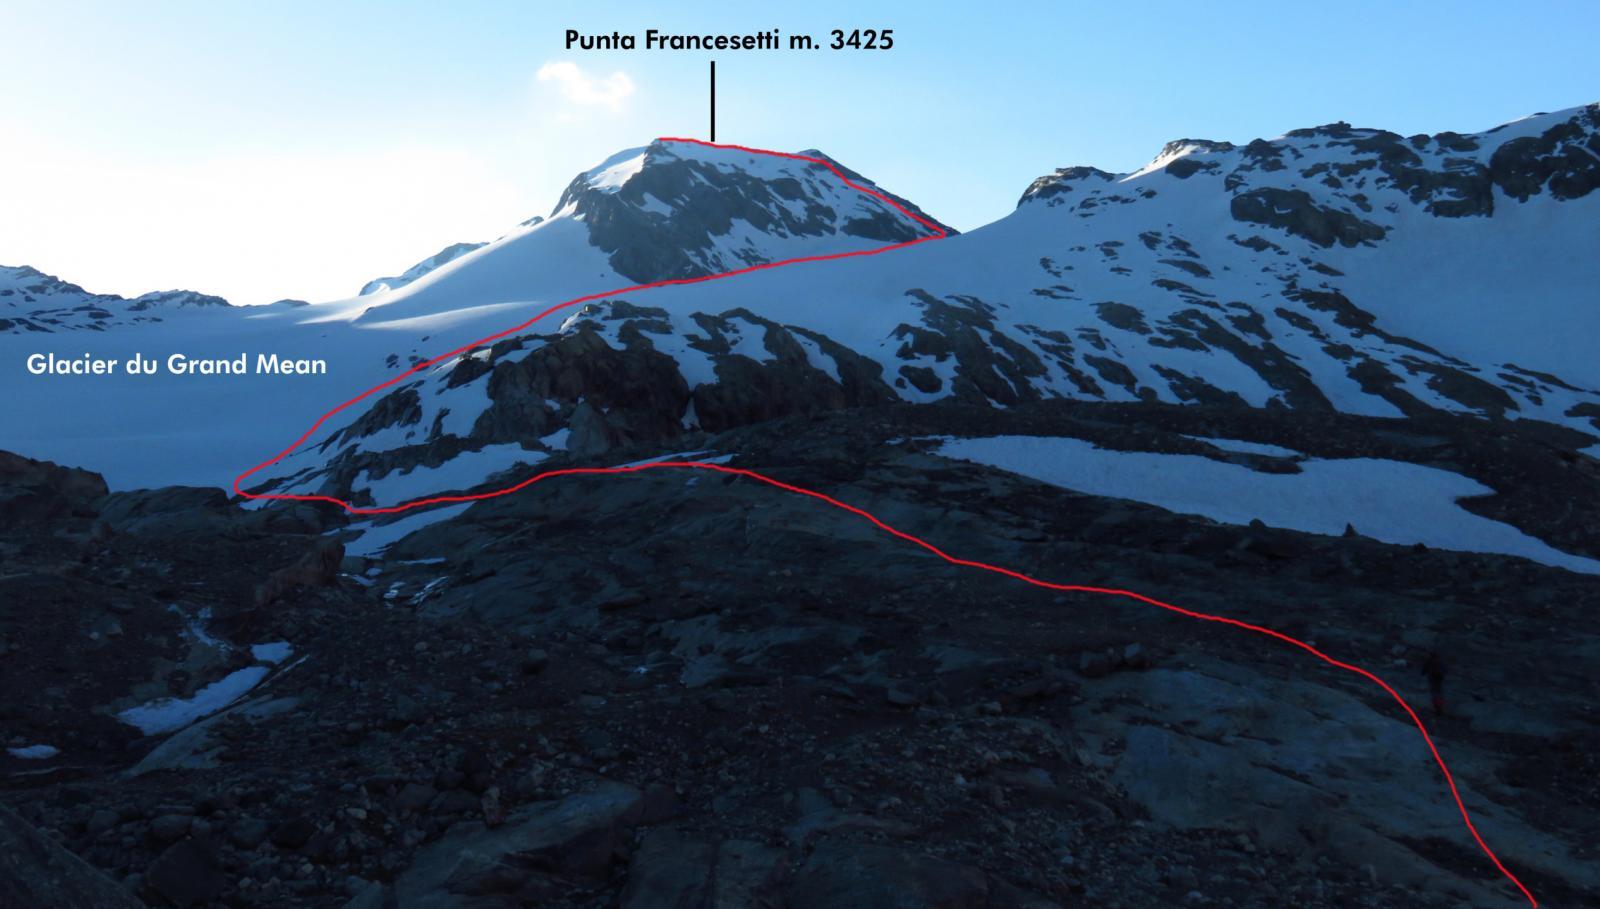 la via di salita per la Punta Francesetti vista dal tratto iniziale del Glacier du Grand Mean